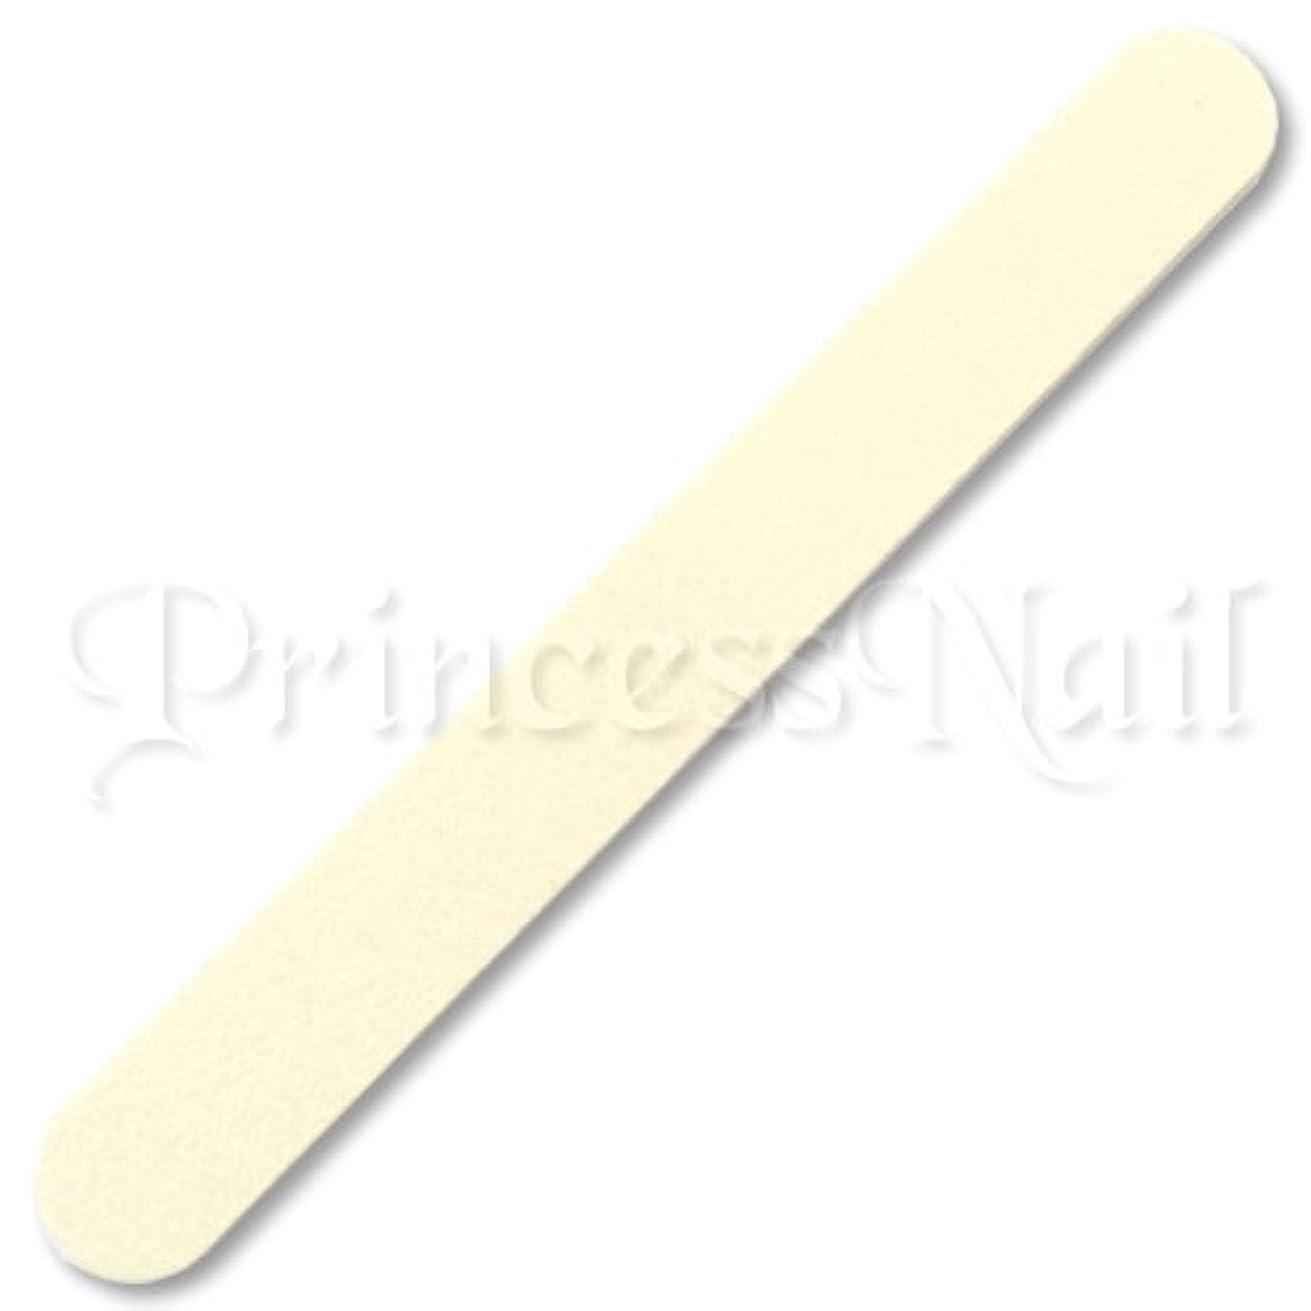 ばかラジカル不毛のジェルネイル用 ネイルファイル エメリーボード 100/180 ホワイト